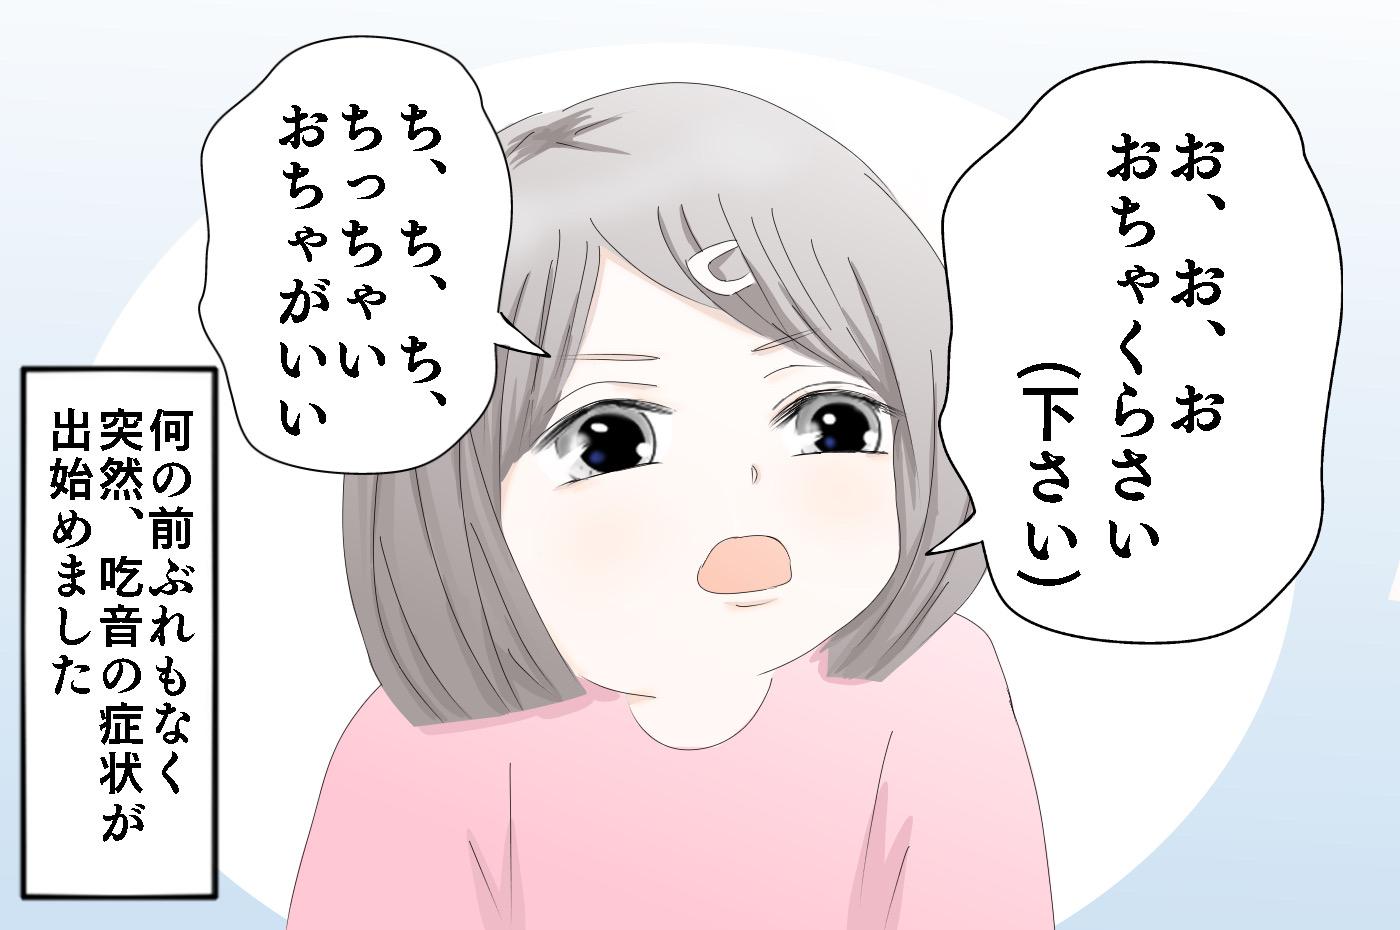 ある日突然、娘がどもるように…「吃音」が出たときどう接すればいい?